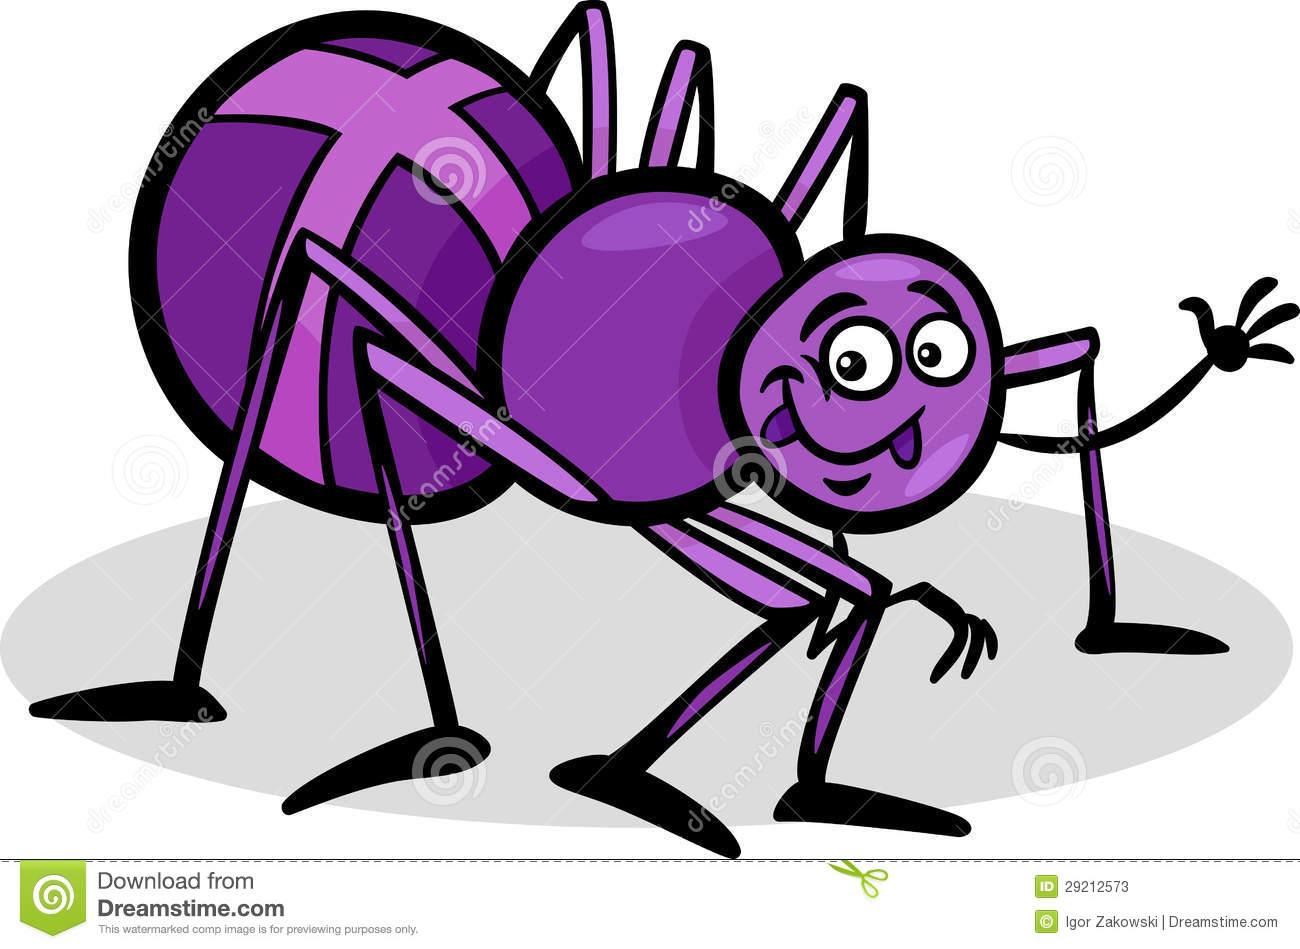 De Illustratie Van Het Het Insectbeeldverhaal Van De Kruisspin.